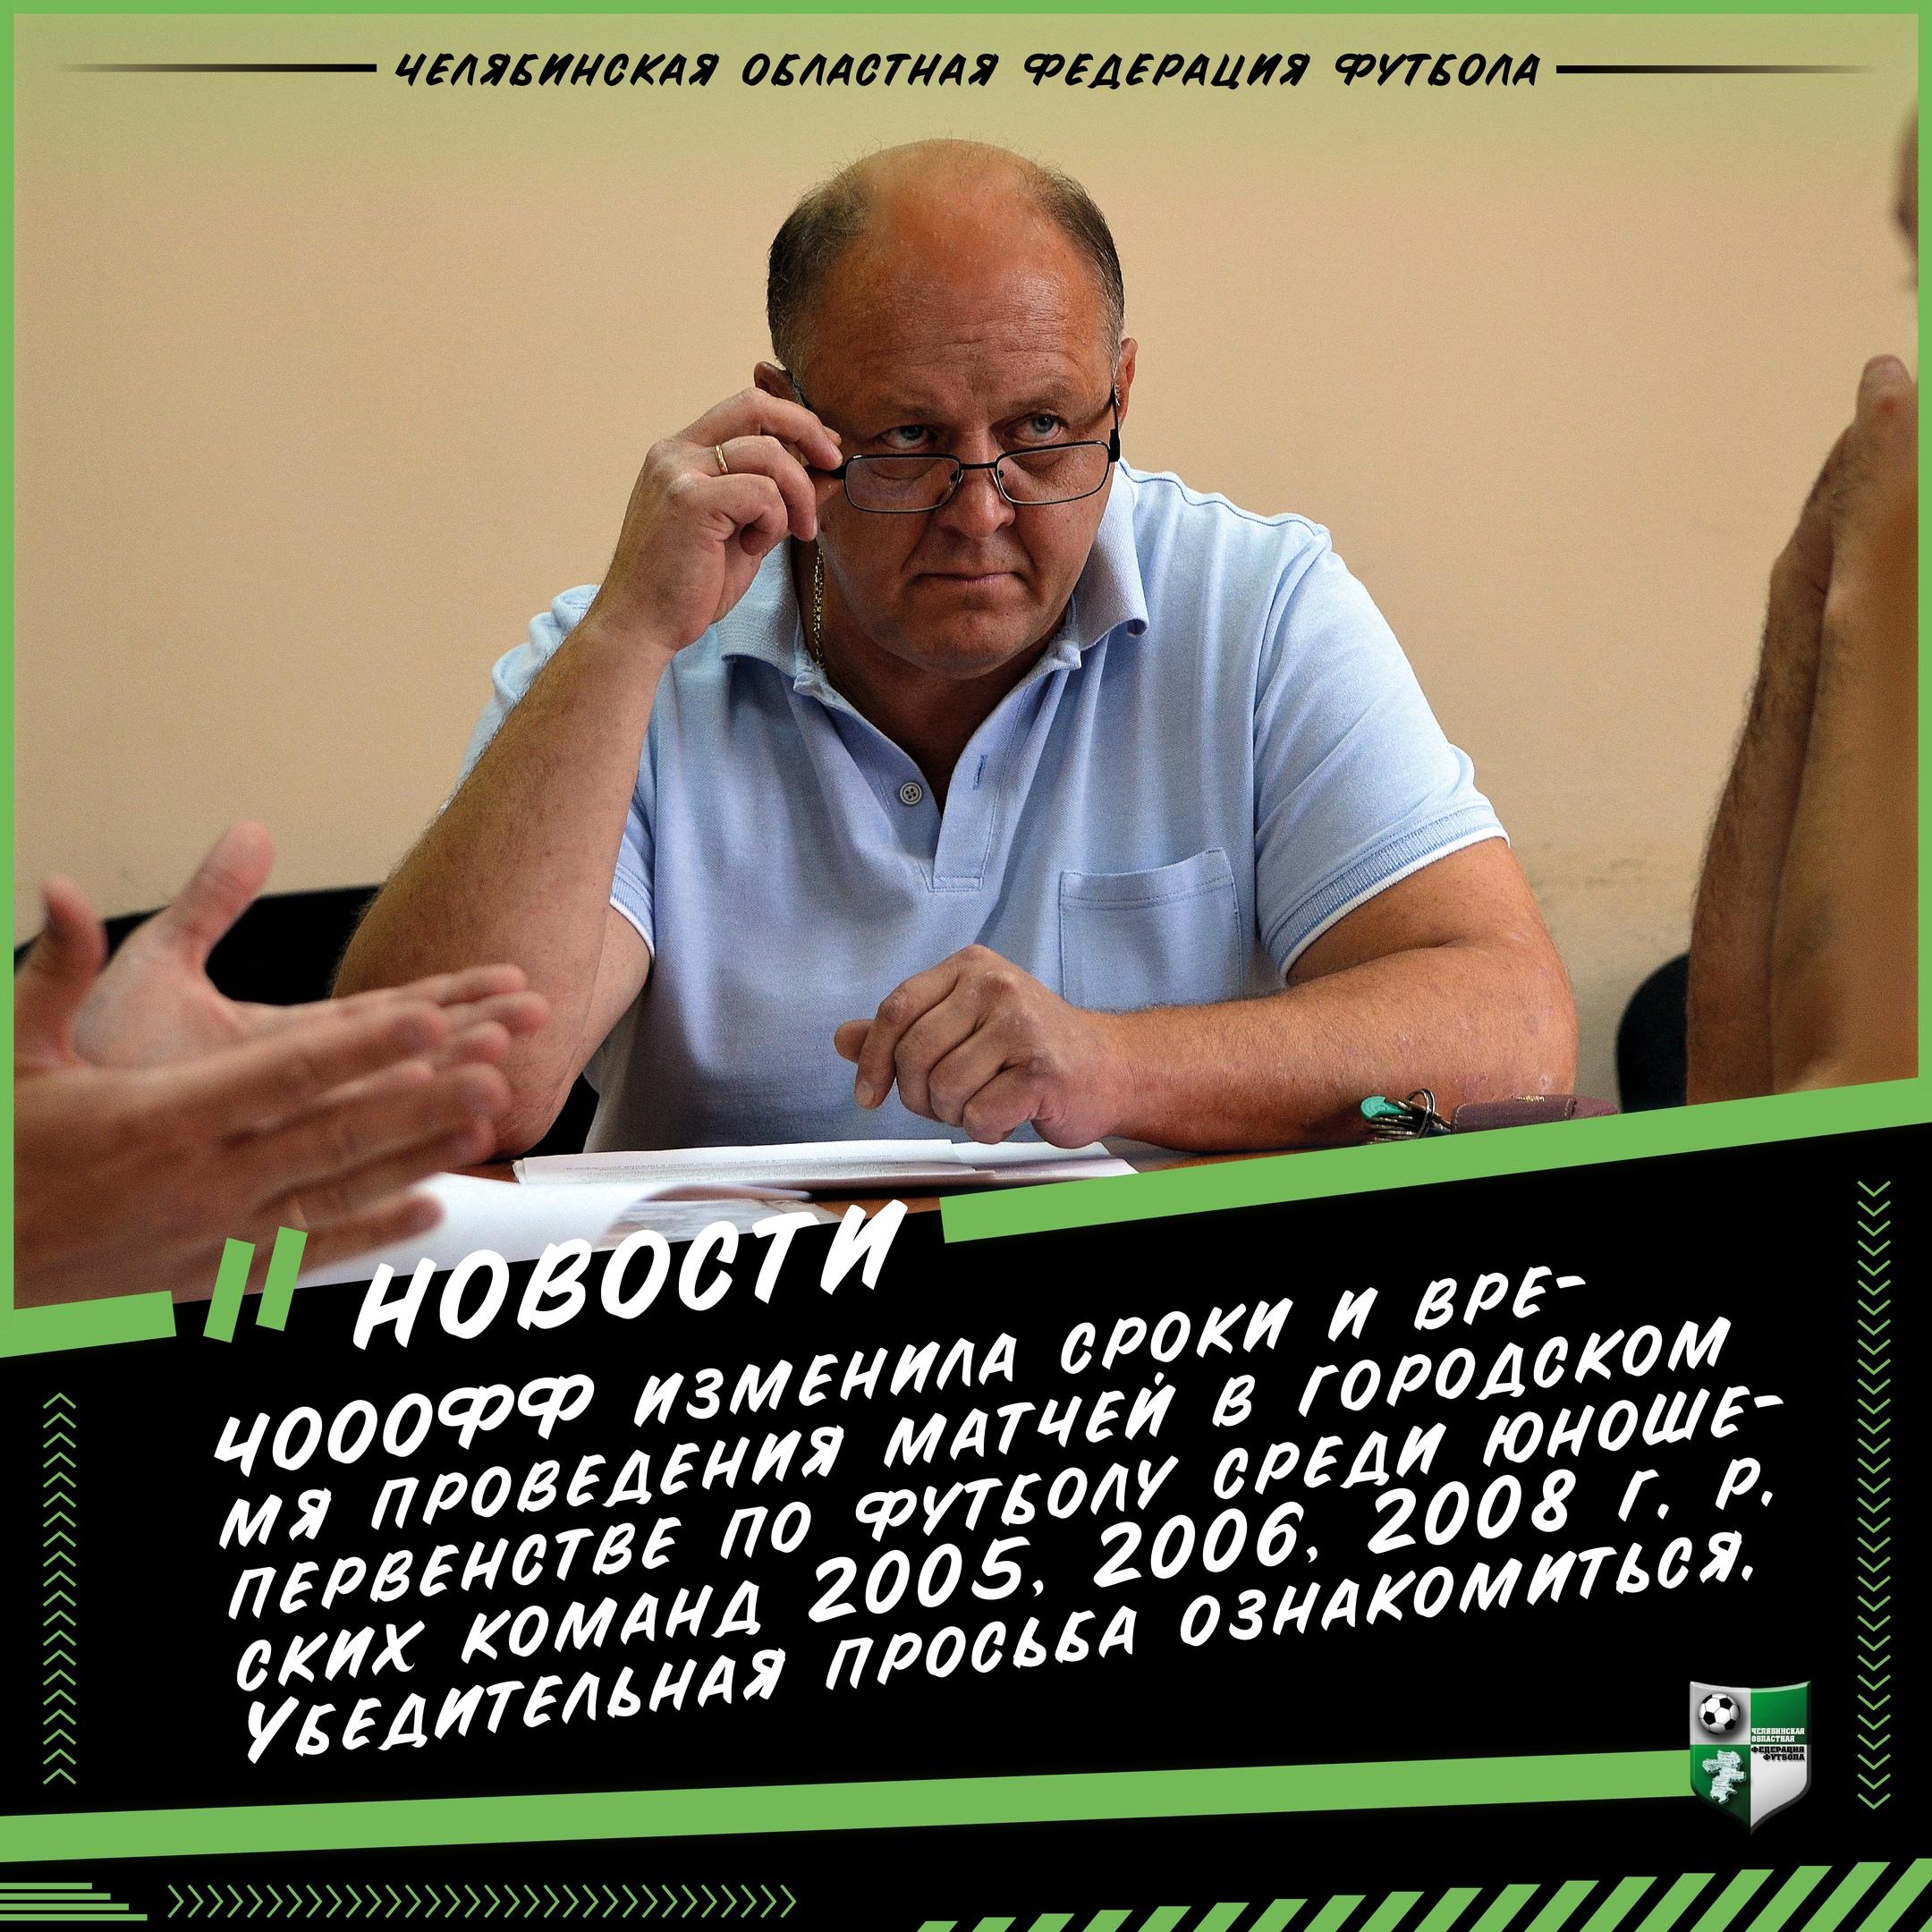 Олег Люкшин